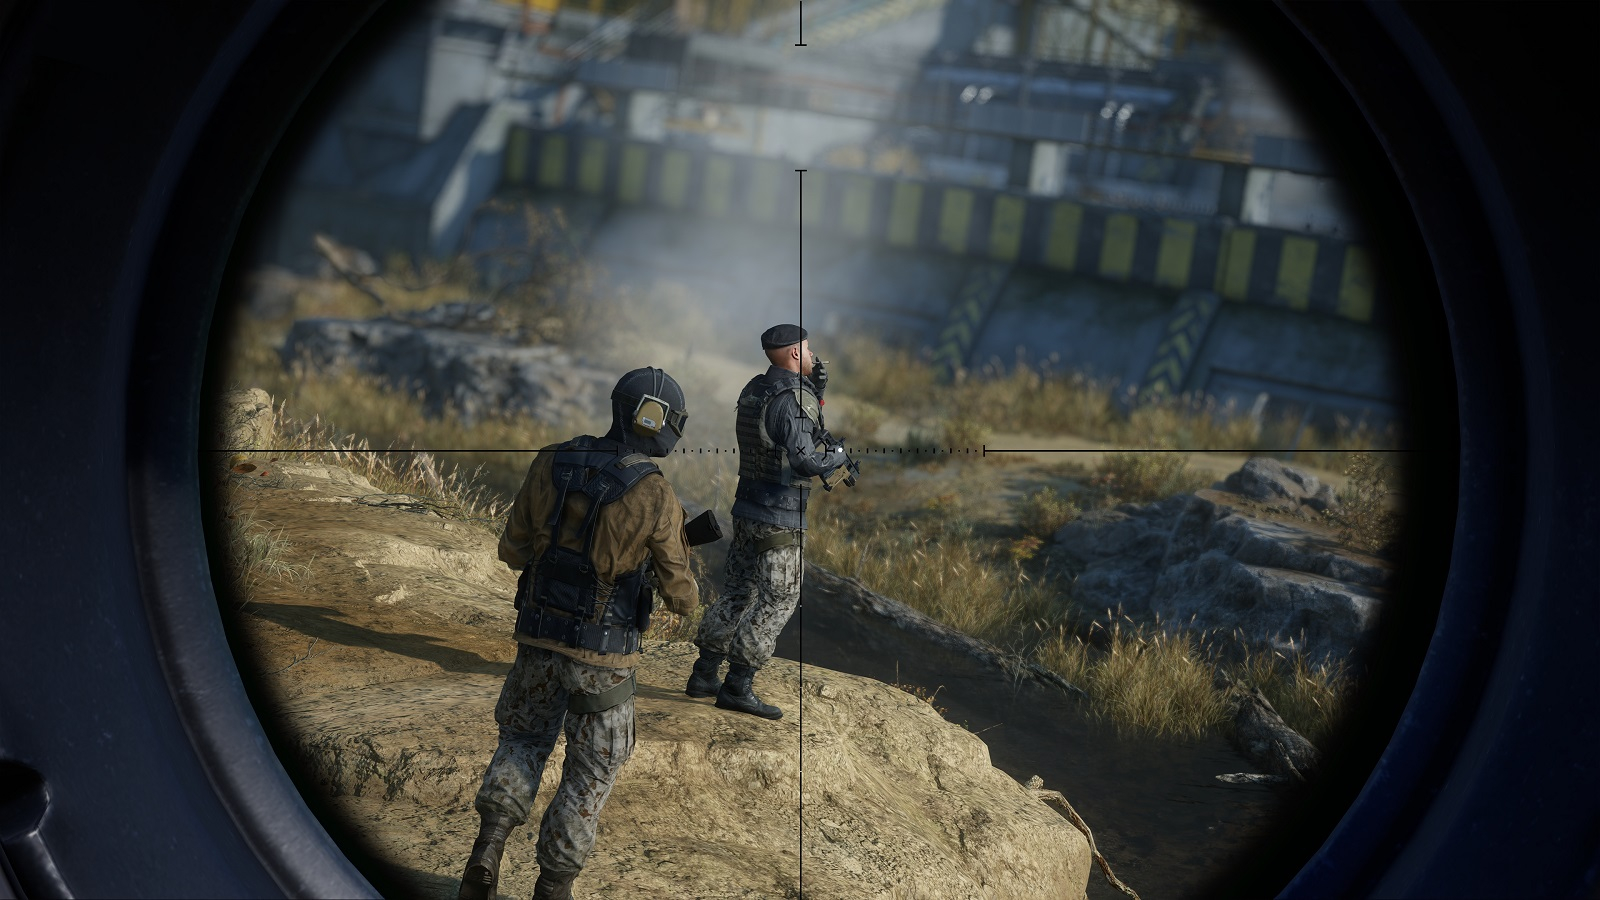 PS5-версия Sniper Ghost Warrior Contracts 2 выйдет позже остальных из-за «непредвиденных технических проблем»